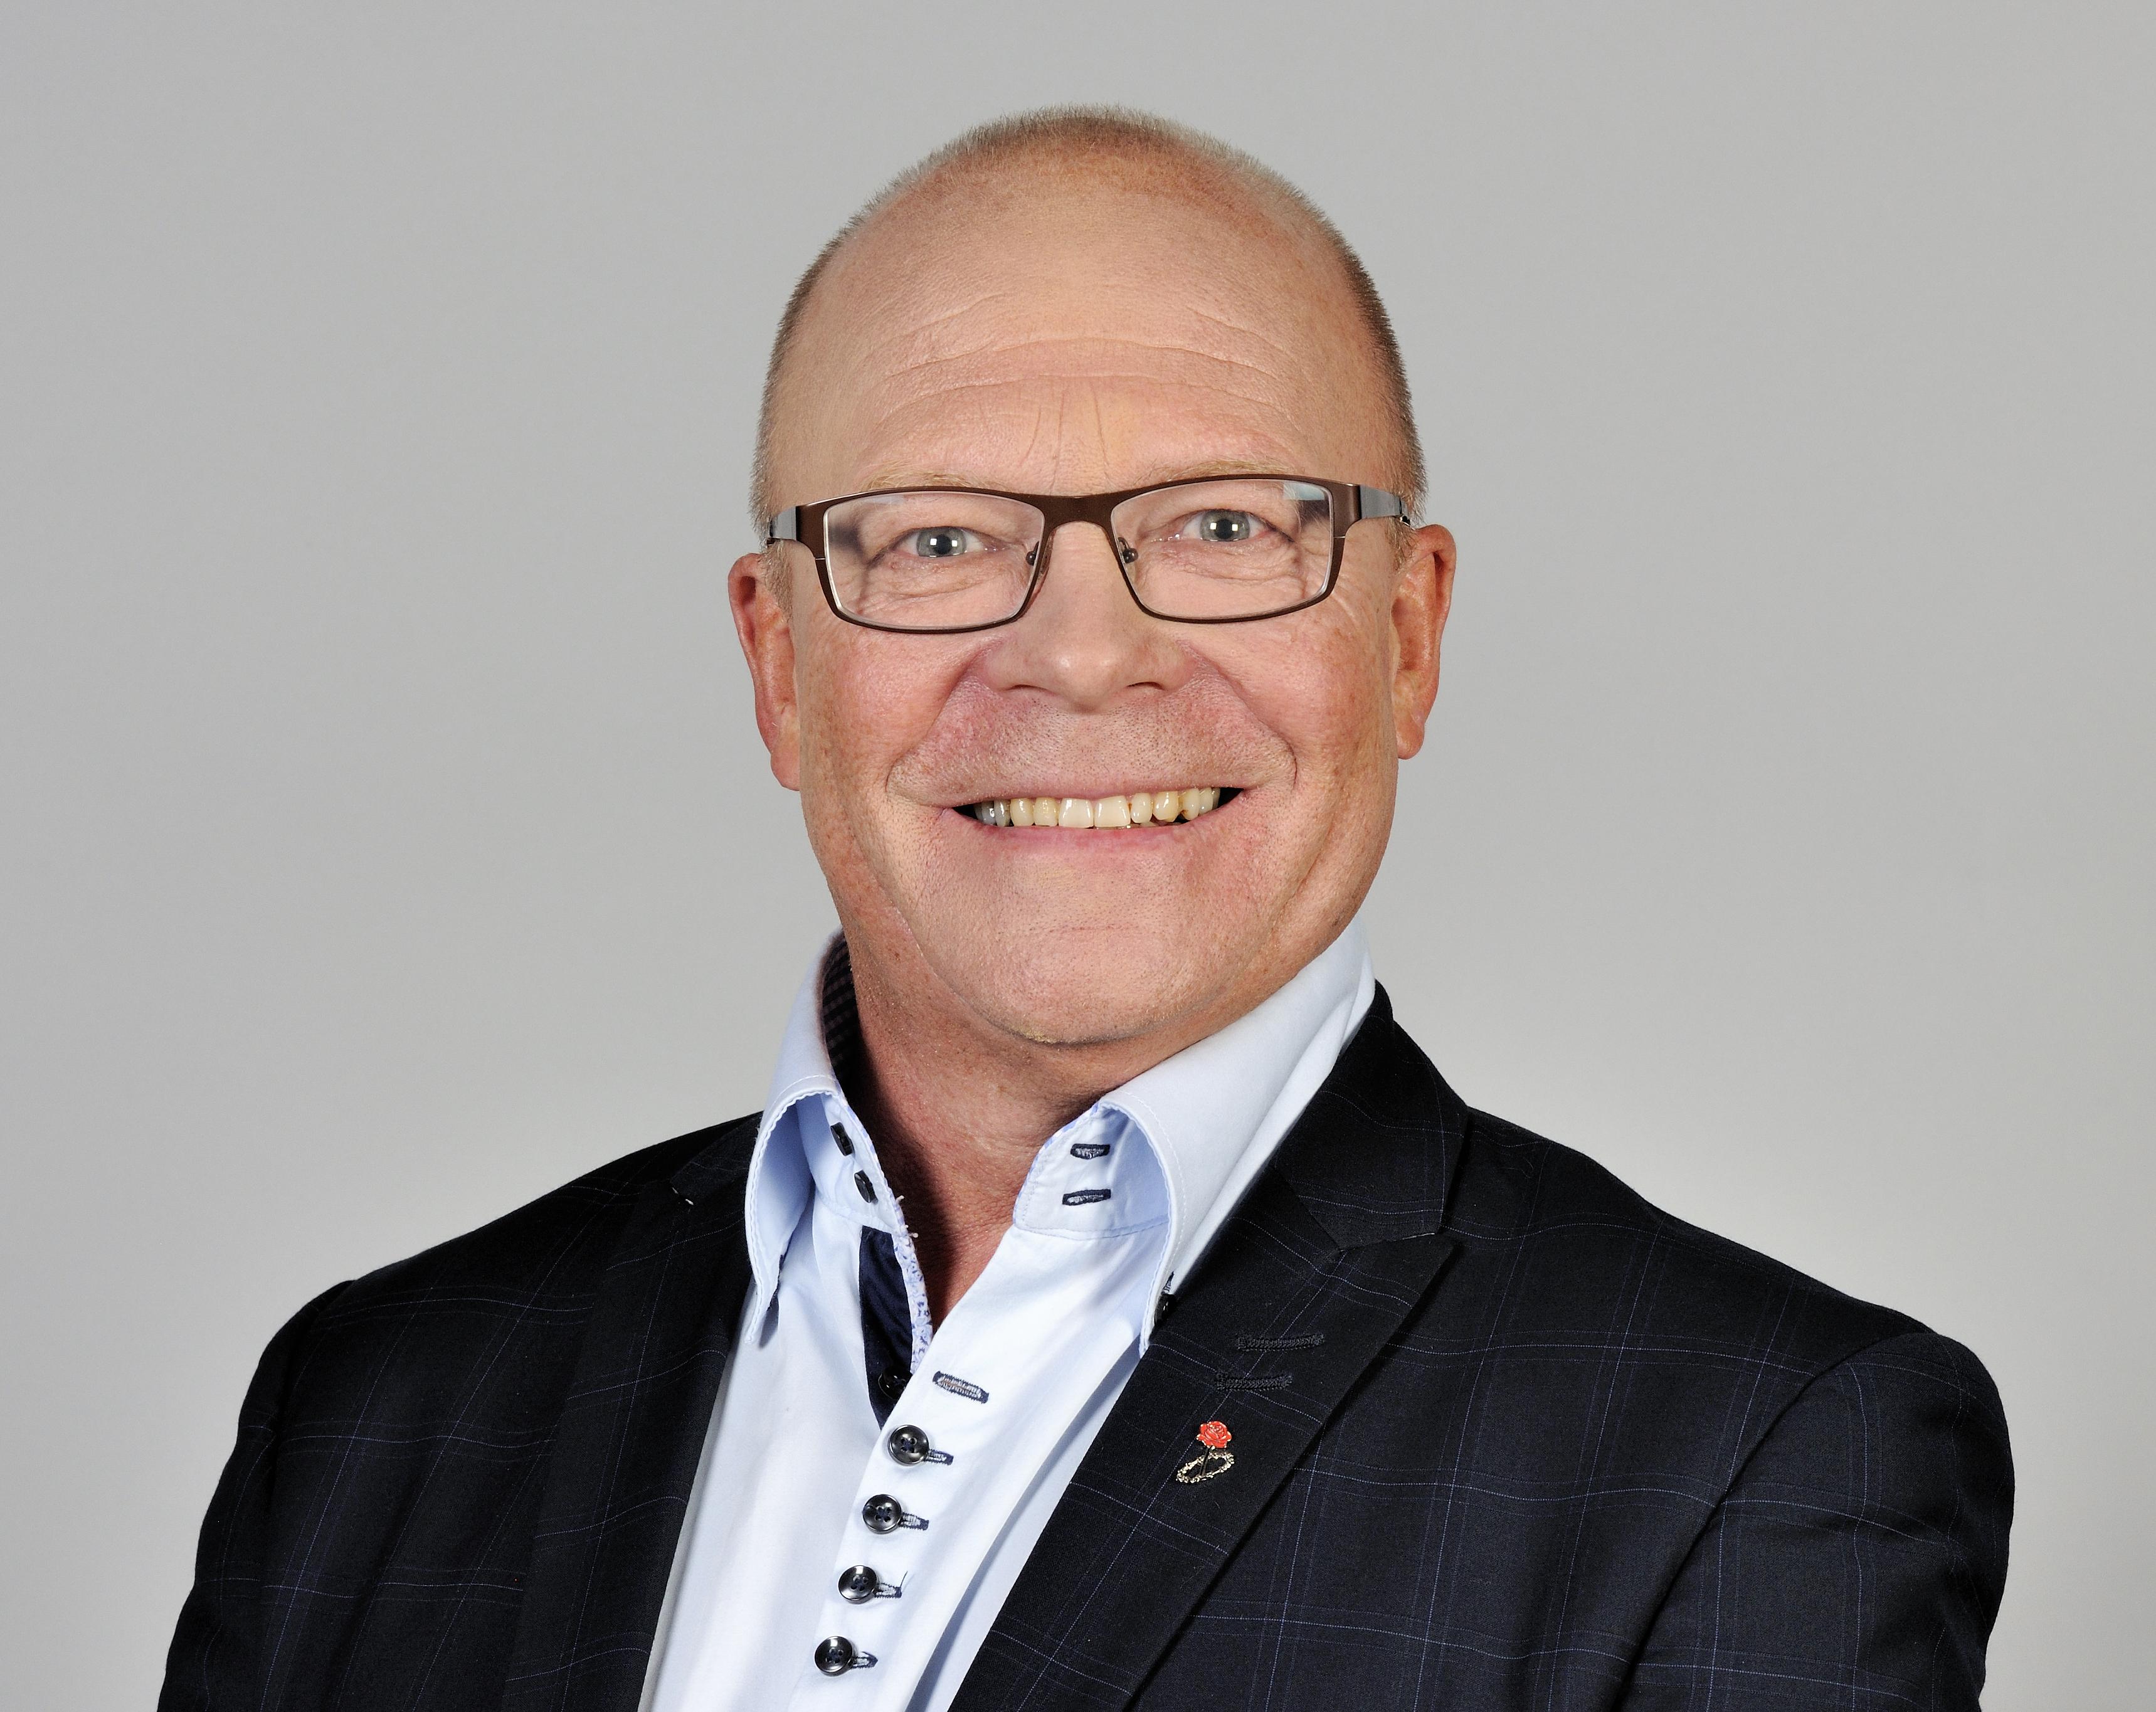 henriette eiby christensen dating dk wiki